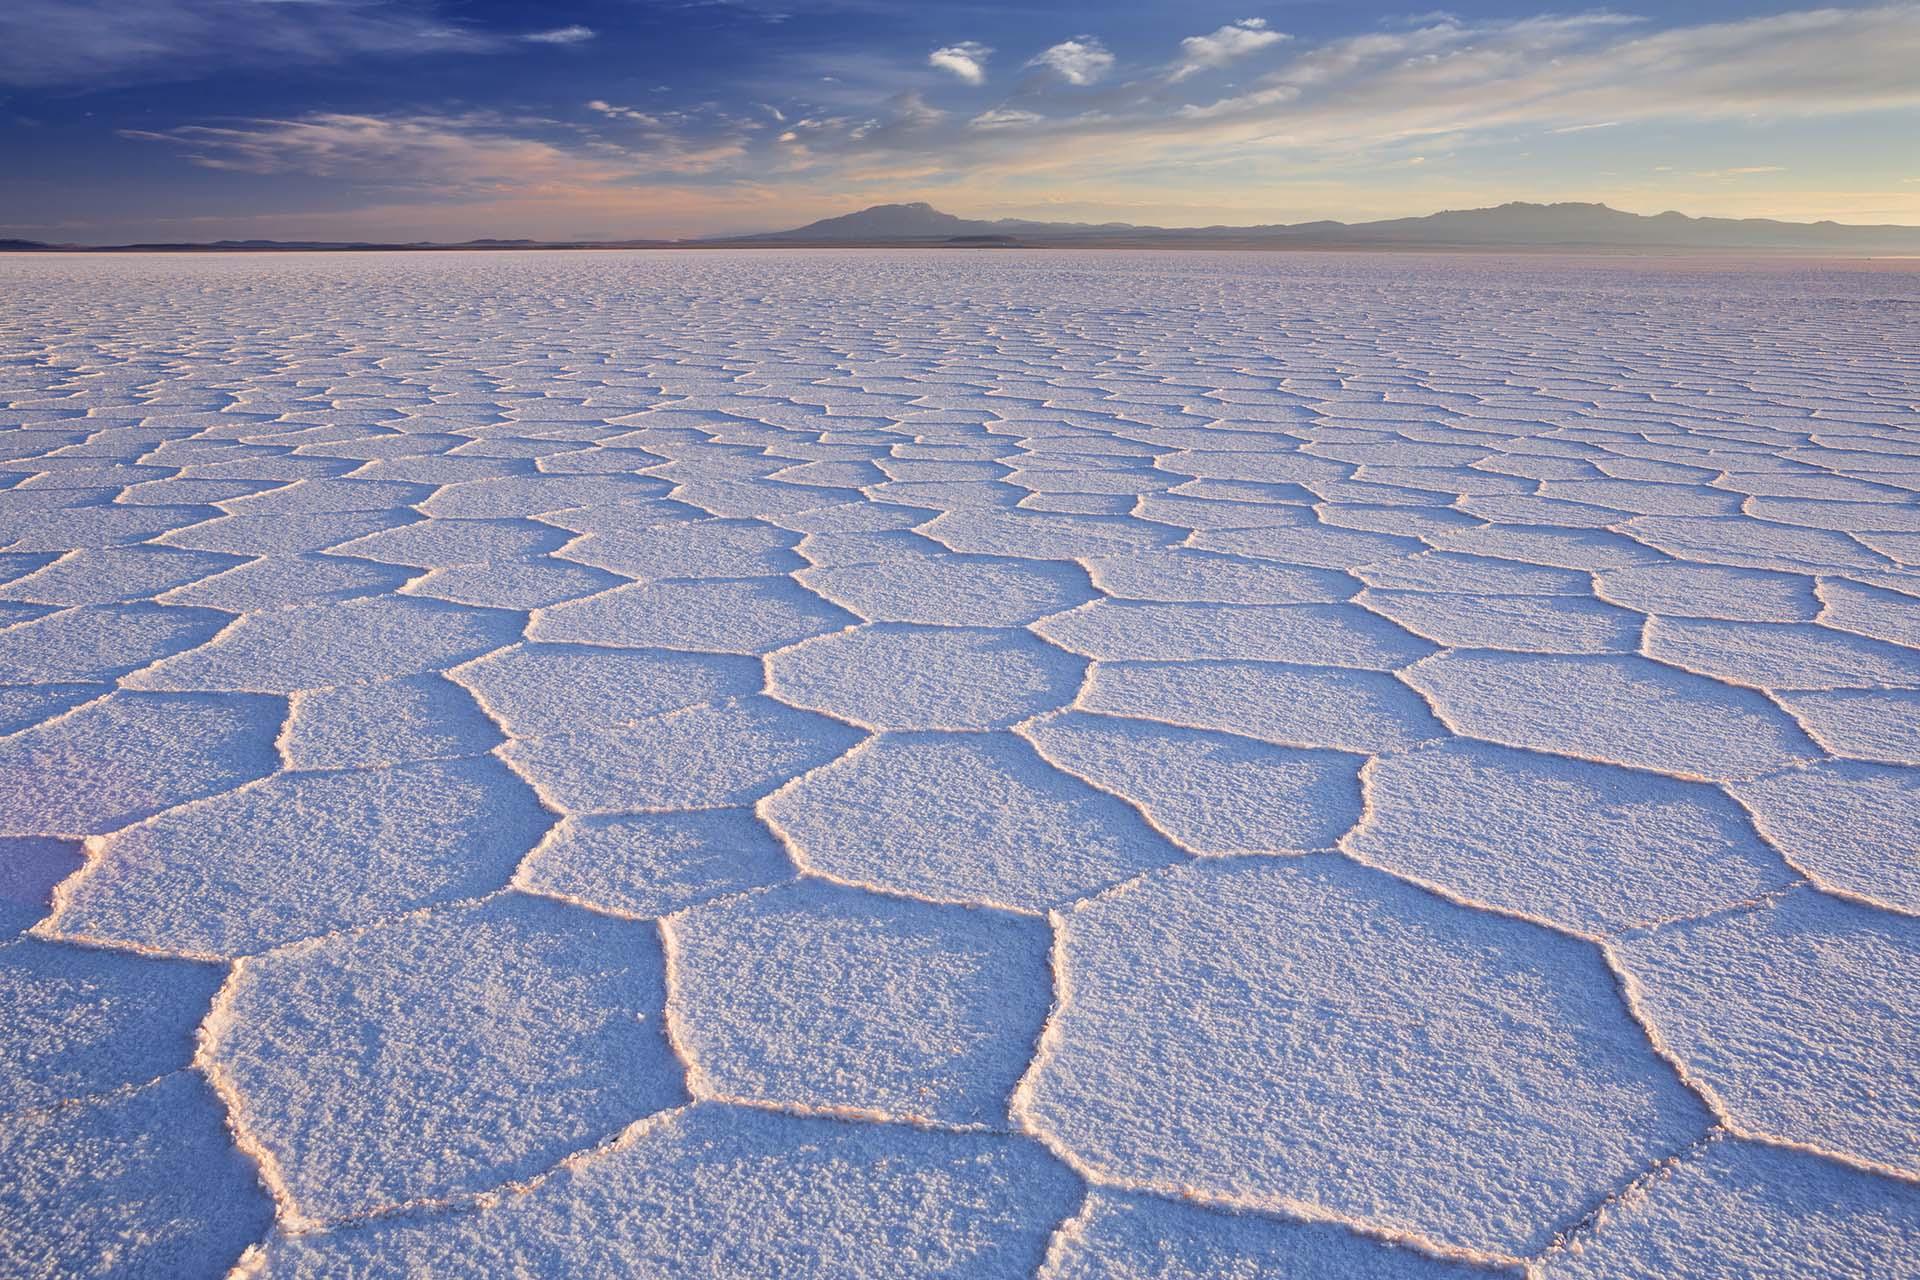 Superlativo en su belleza natural, resistente, irritante, complejo y un poco estresante, Bolivia es una de las naciones más diversas e intrigantes de América del Sur. Situado a 3650 metros de altura en la región suroeste de Bolivia, en el altiplano, sobre la gran cordillera de los Andes, el salar de Uyuni es el mayor desierto de sal continuo del mundo, con una superficie de 12 000 km²